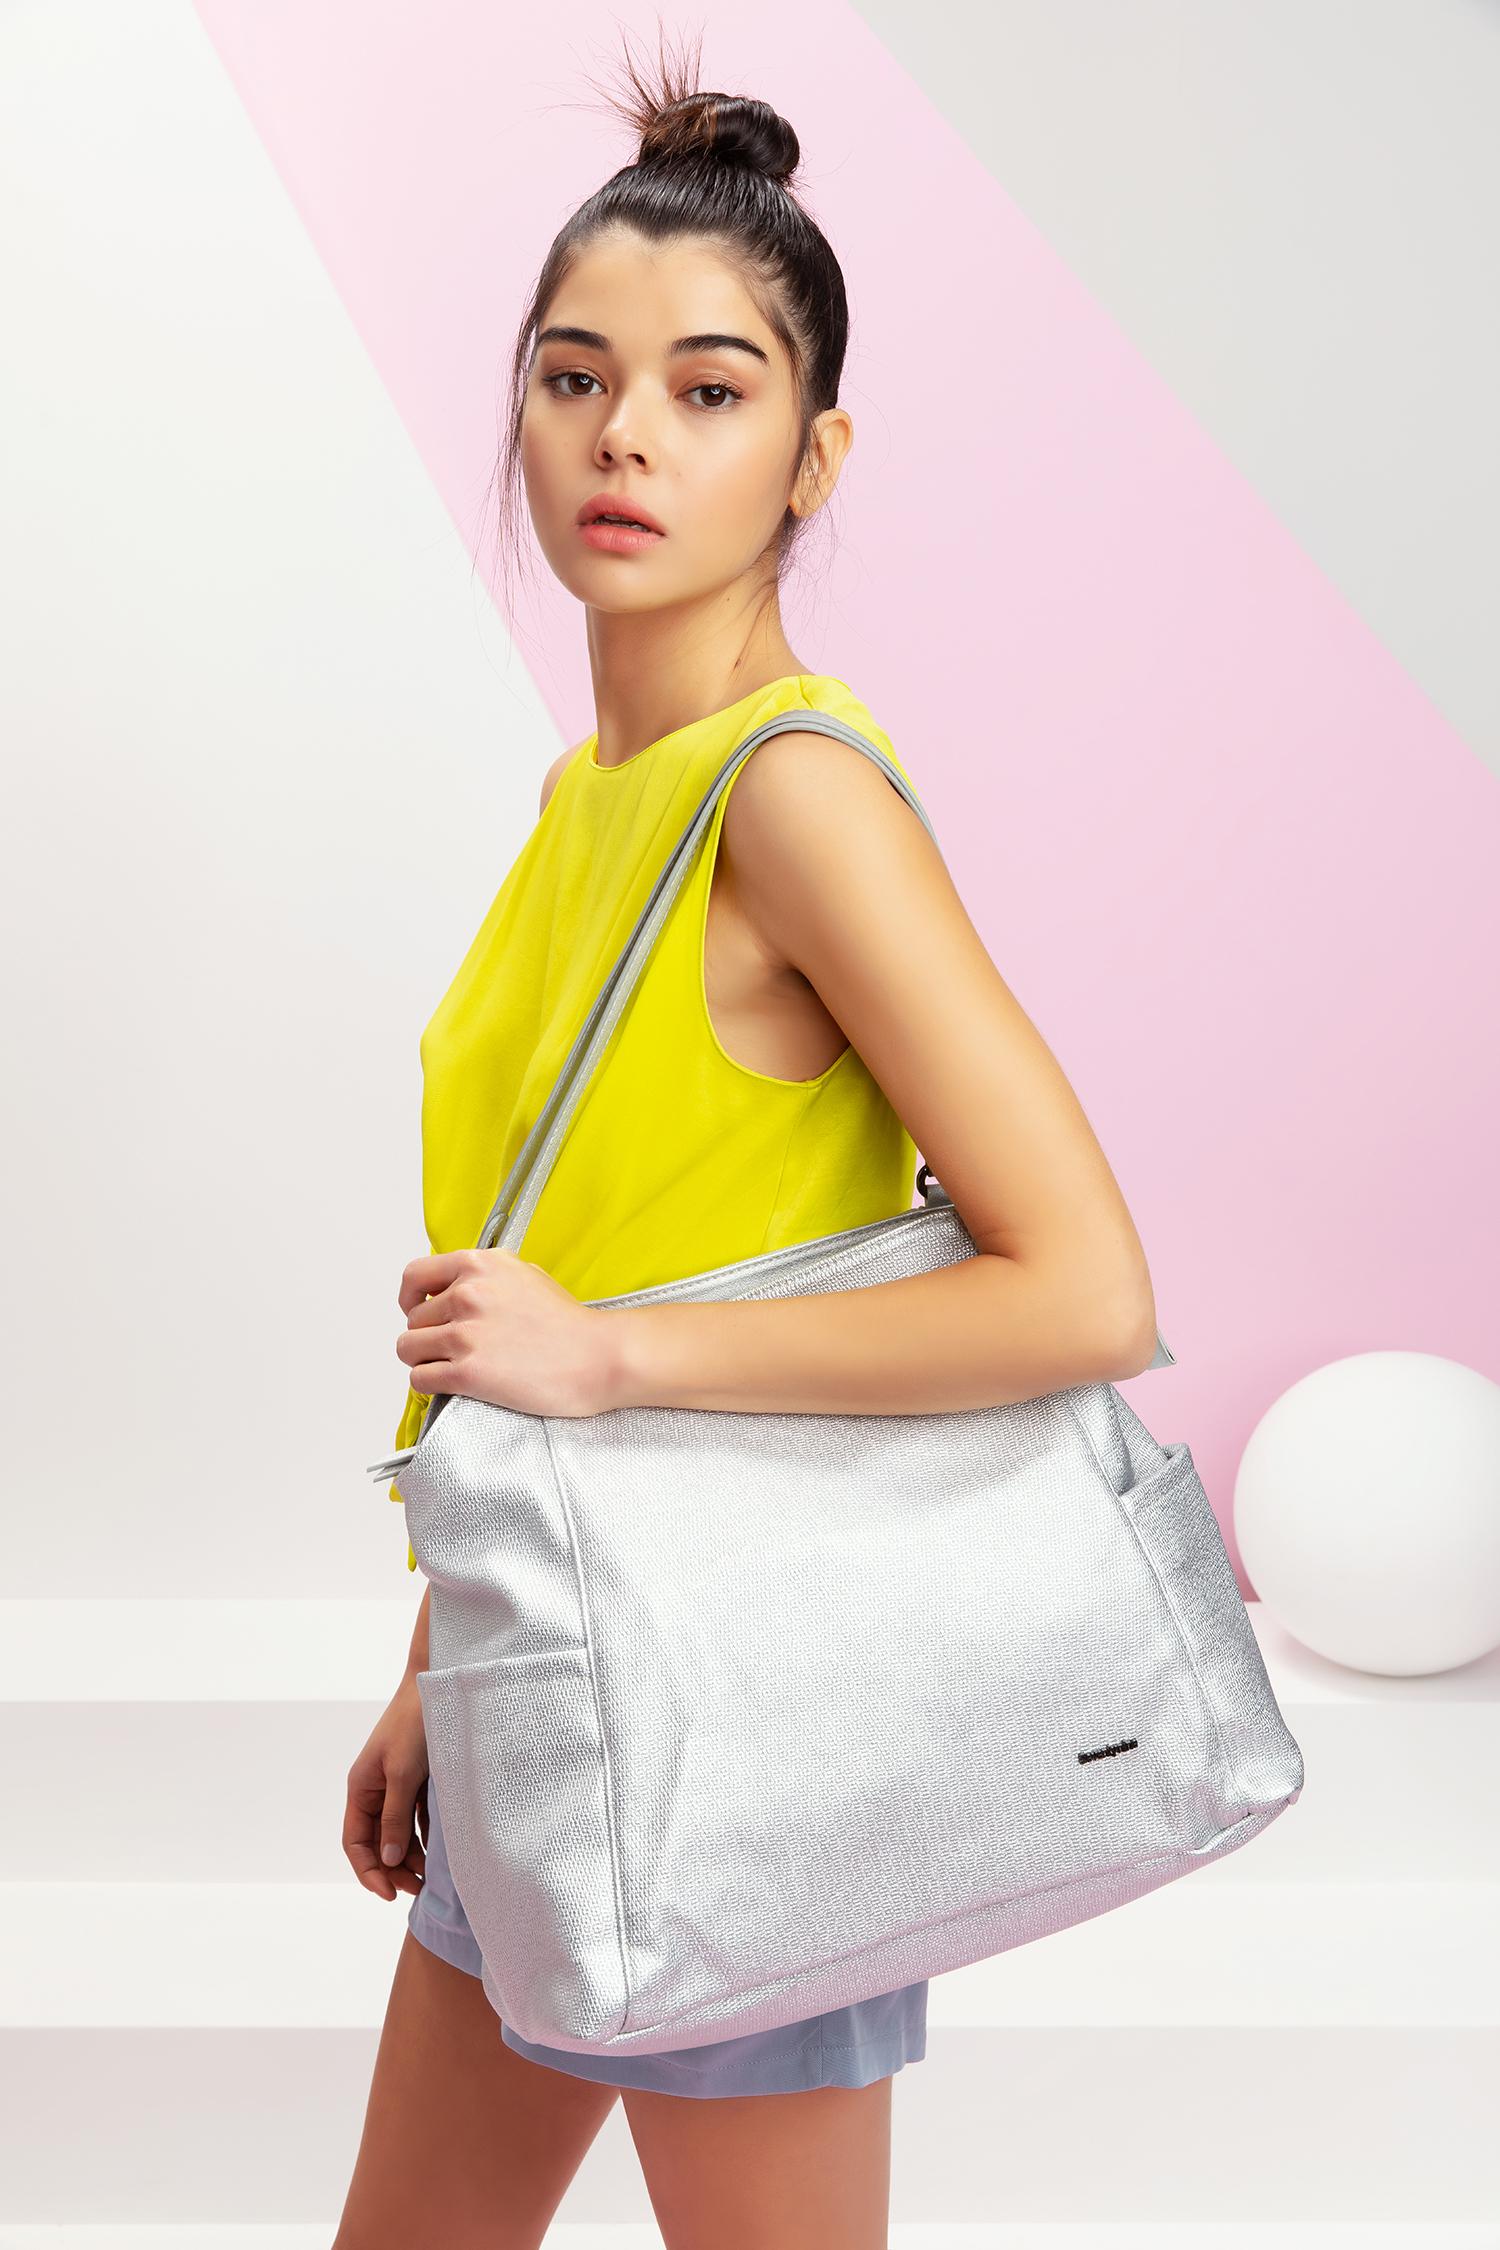 71f715691344 Дорожные сумки известных брендов в Израиле, естественно, представлены. Сеть  магазинов WeShoes недавно стала эксклюзивным экспортером Delsey и  представителем ...